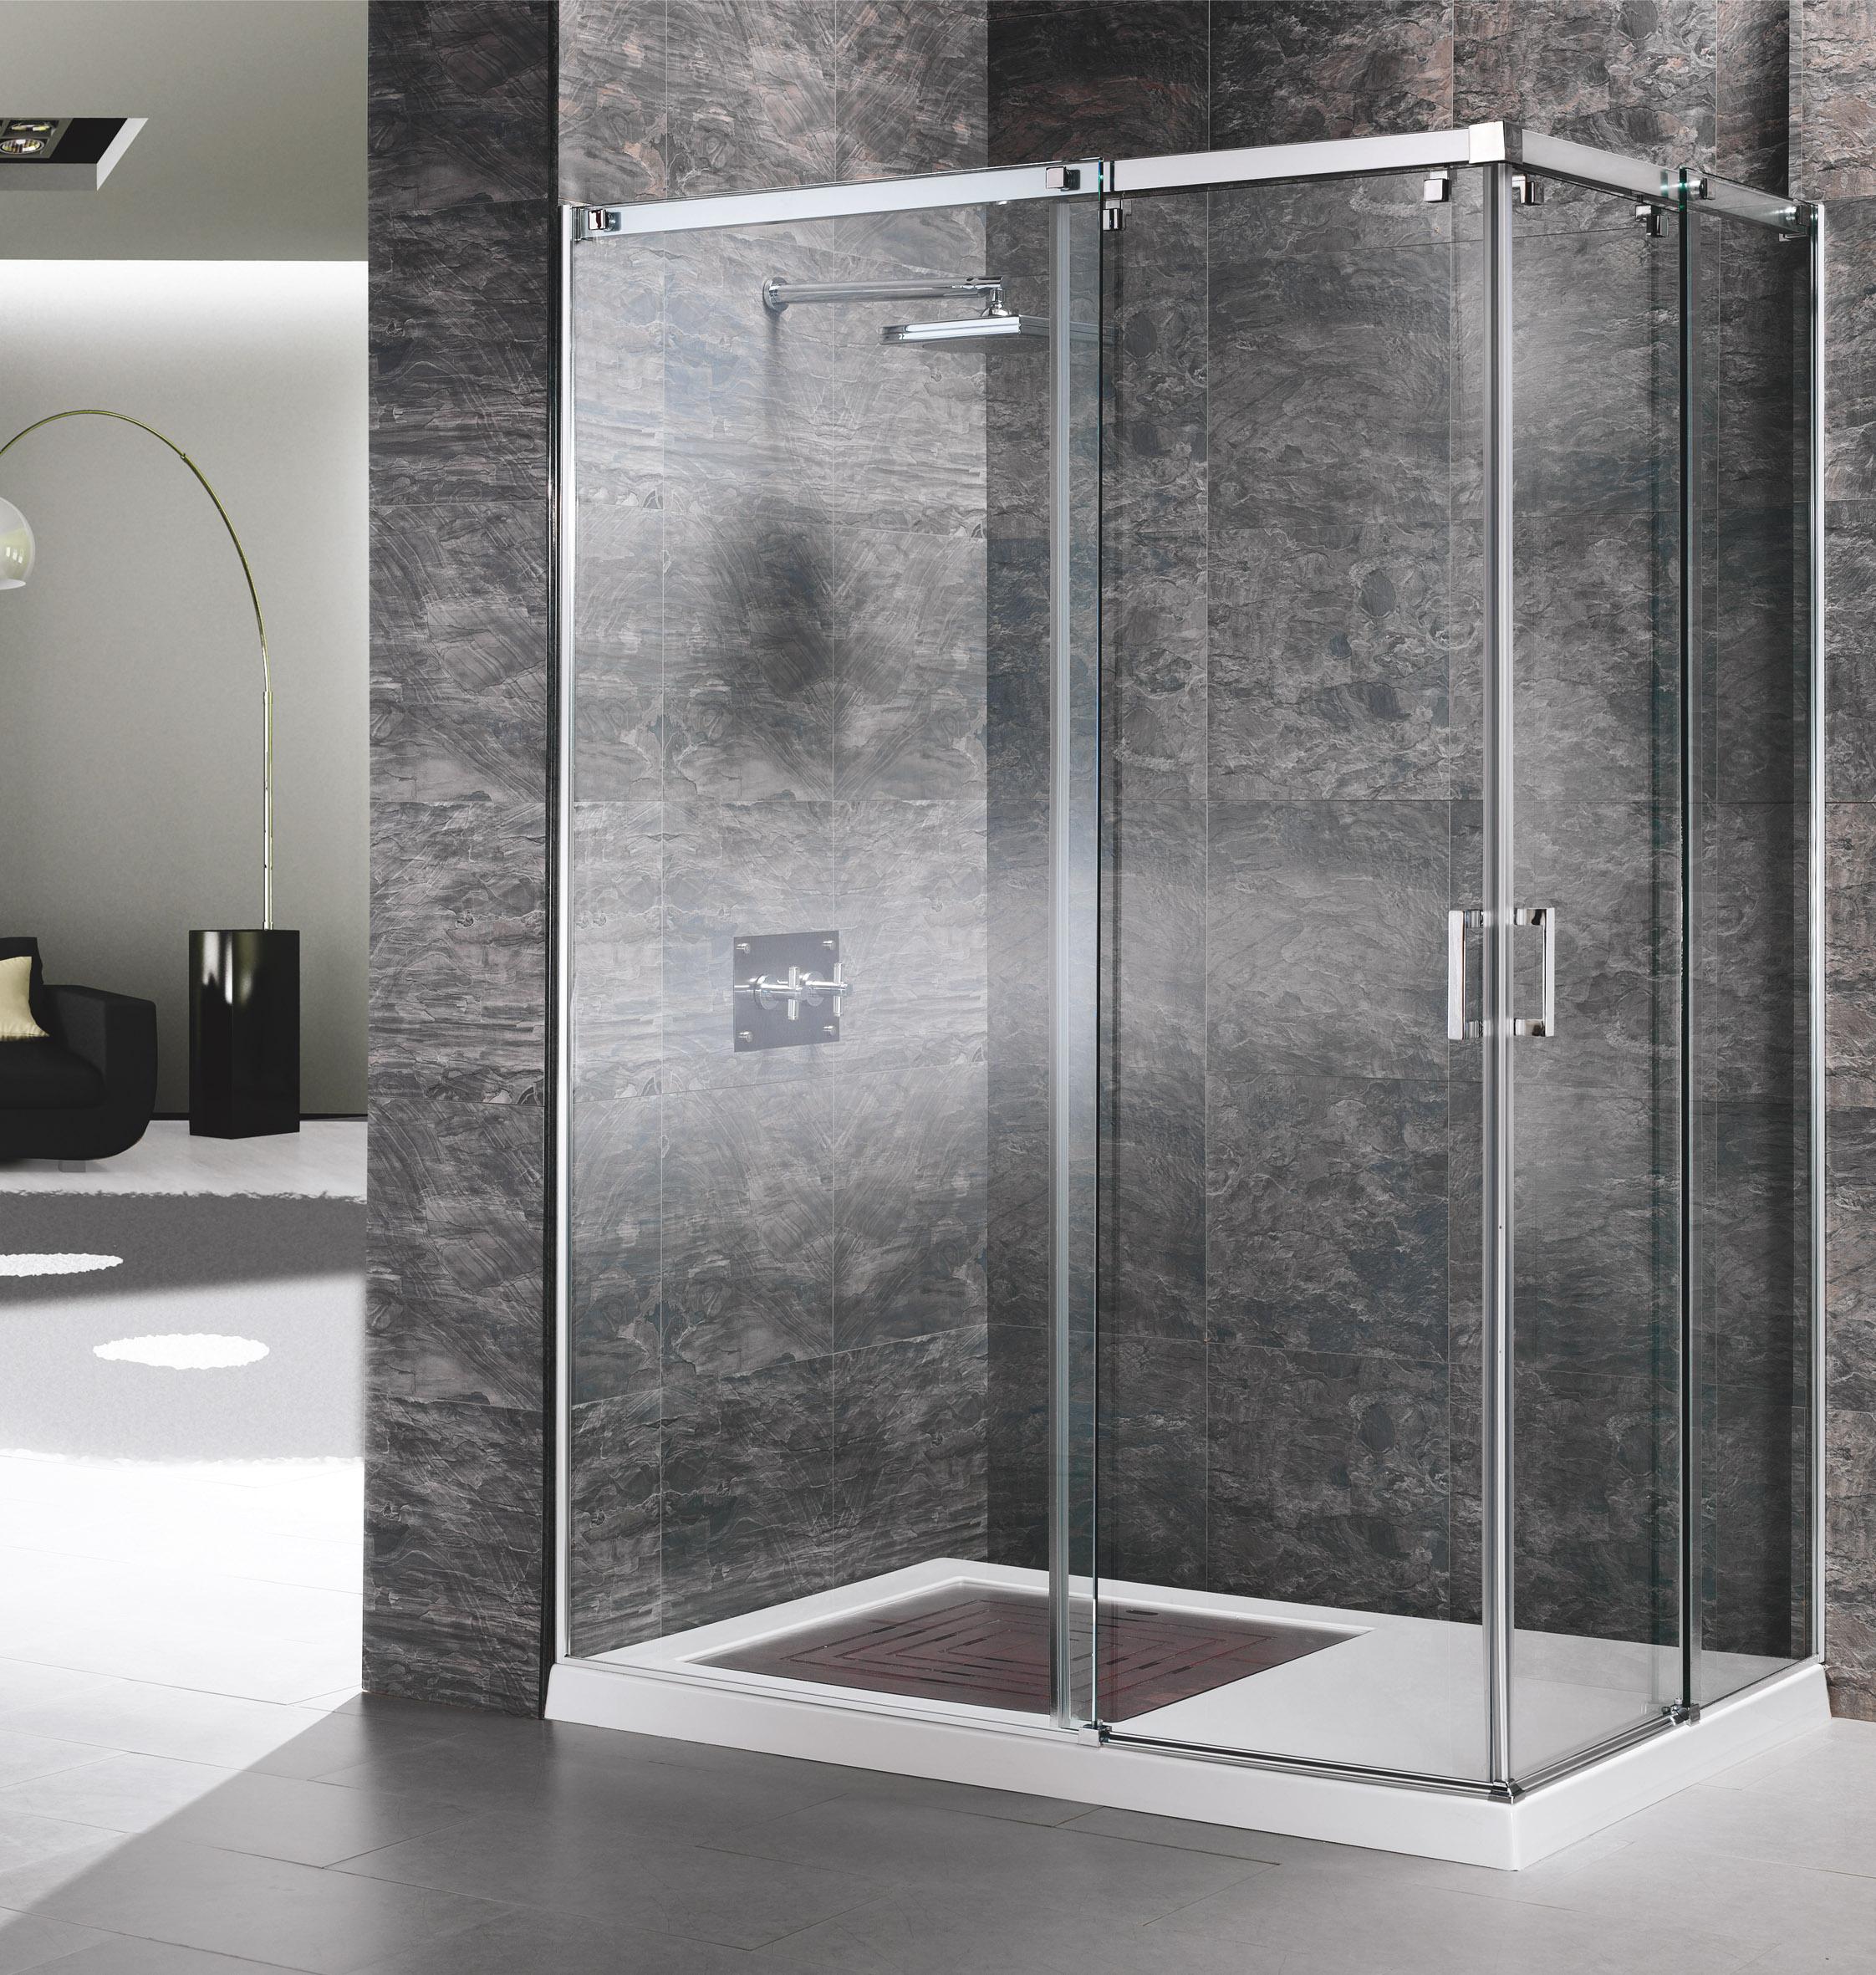 Mamparas angulares muebles de cocina y ba o online en for Mamparas de ducha economicas